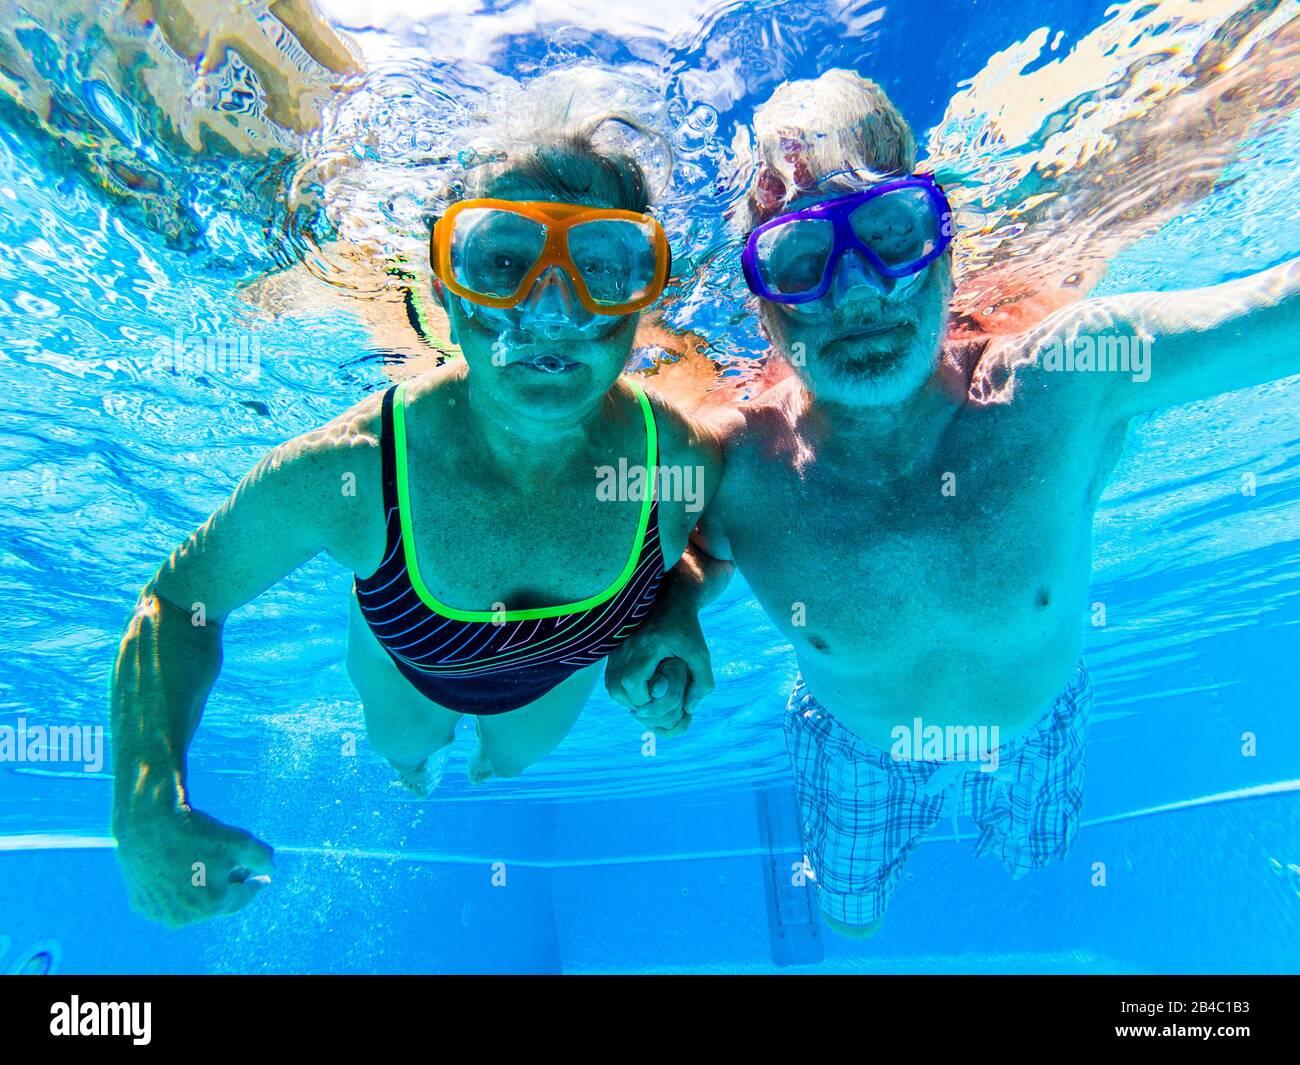 Adulti persone senior coppia divertirsi nuotate in piscina sott'acqua con colorate maschere divertenti immersione - concetto di immersione e attivo pensionati uomo e donna godendo lo stile di vita - acqua blu e adulti caucasici Foto Stock